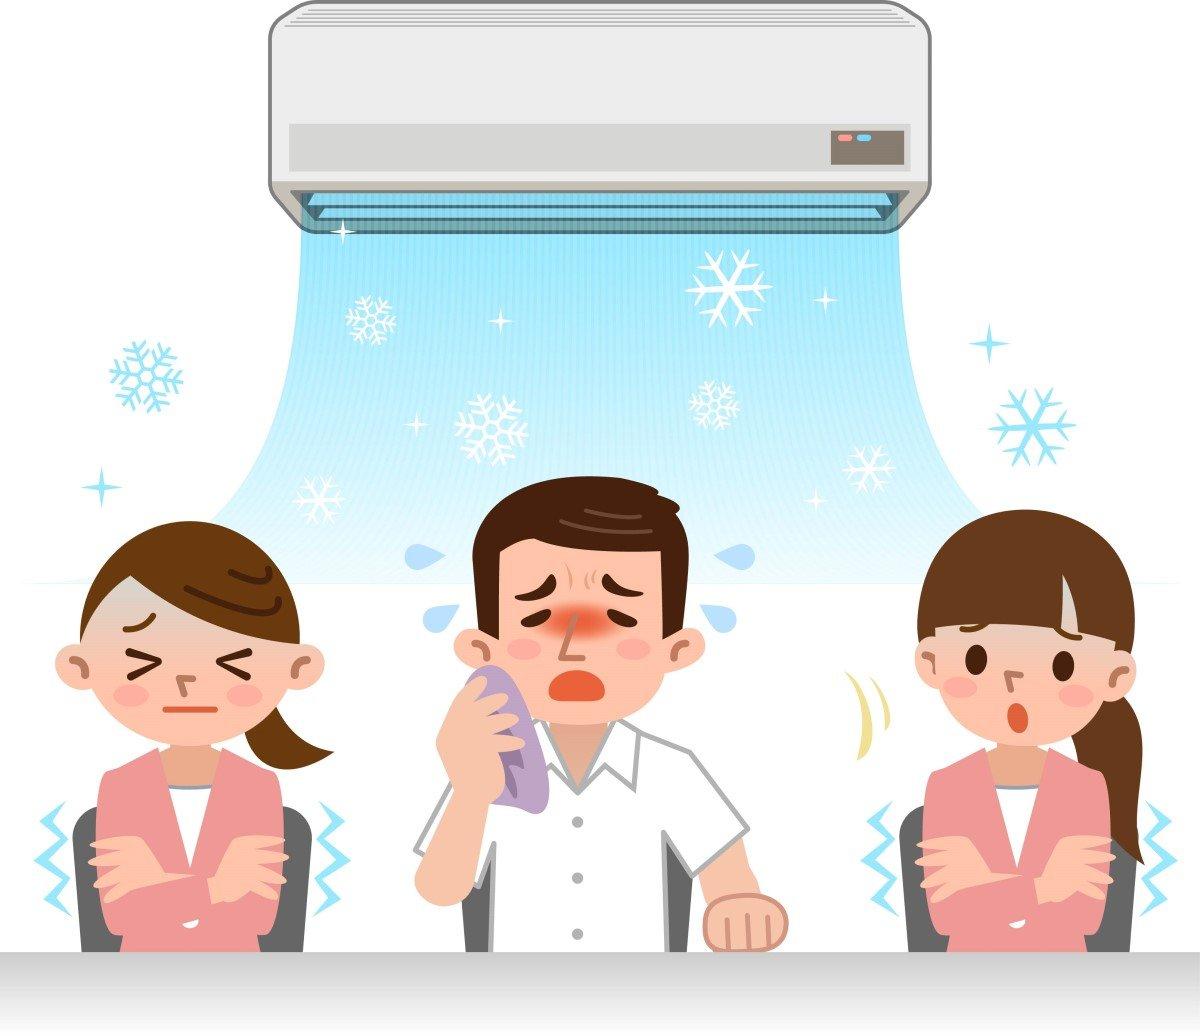 boli aer conditionat rinite conjunctivite sinuzite si alergie la frig. colegi de munca care tremura si tusesc sub aparatul de aer conditionat